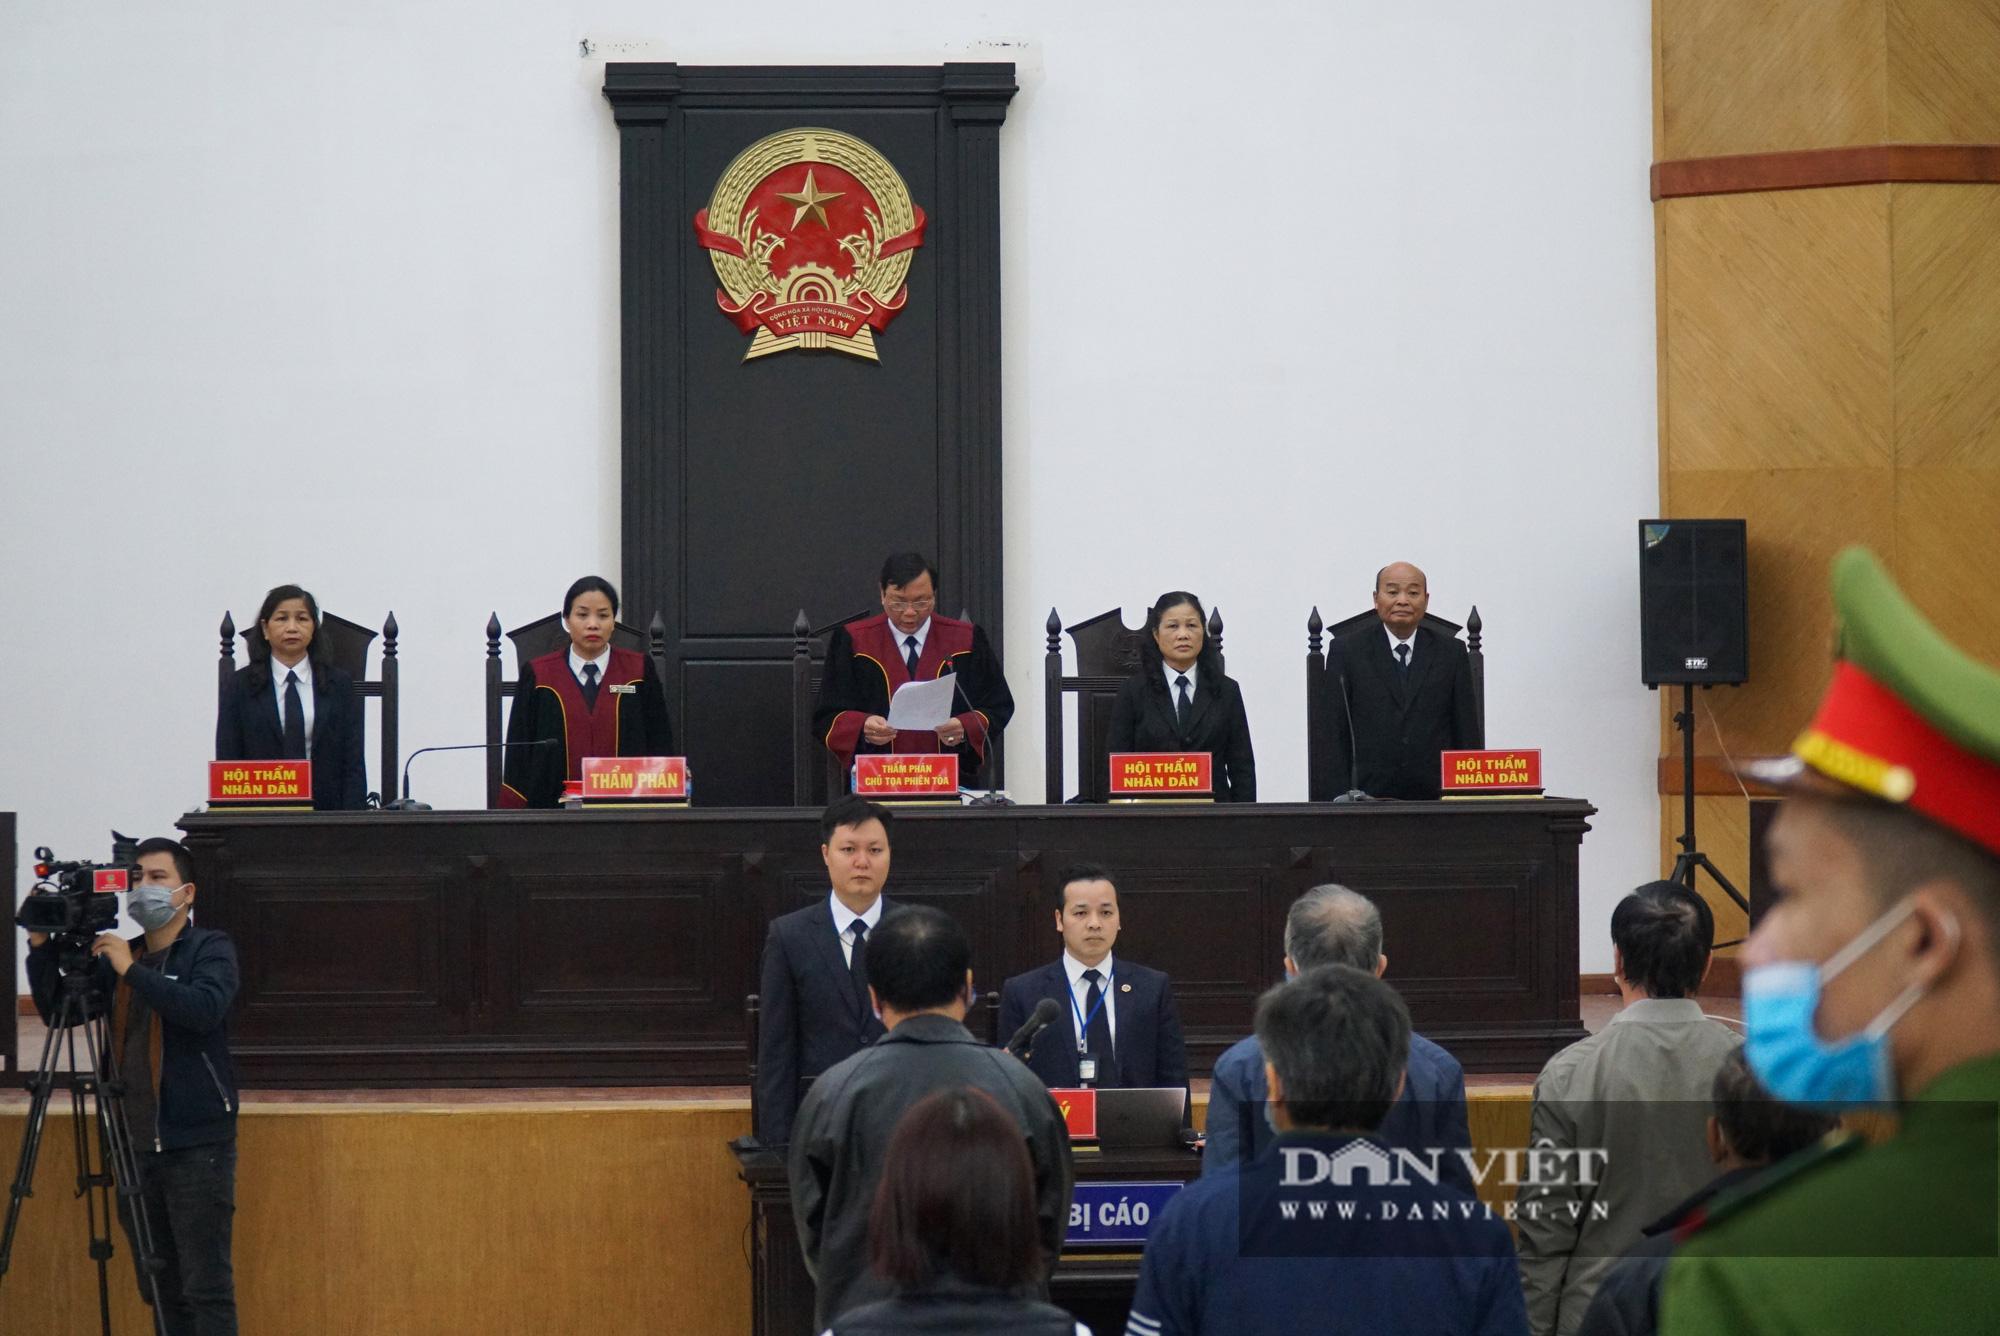 Cự Bộ trưởng Công thương nhờ luật sư dìu vào phiên tòa xét xử   - Ảnh 2.